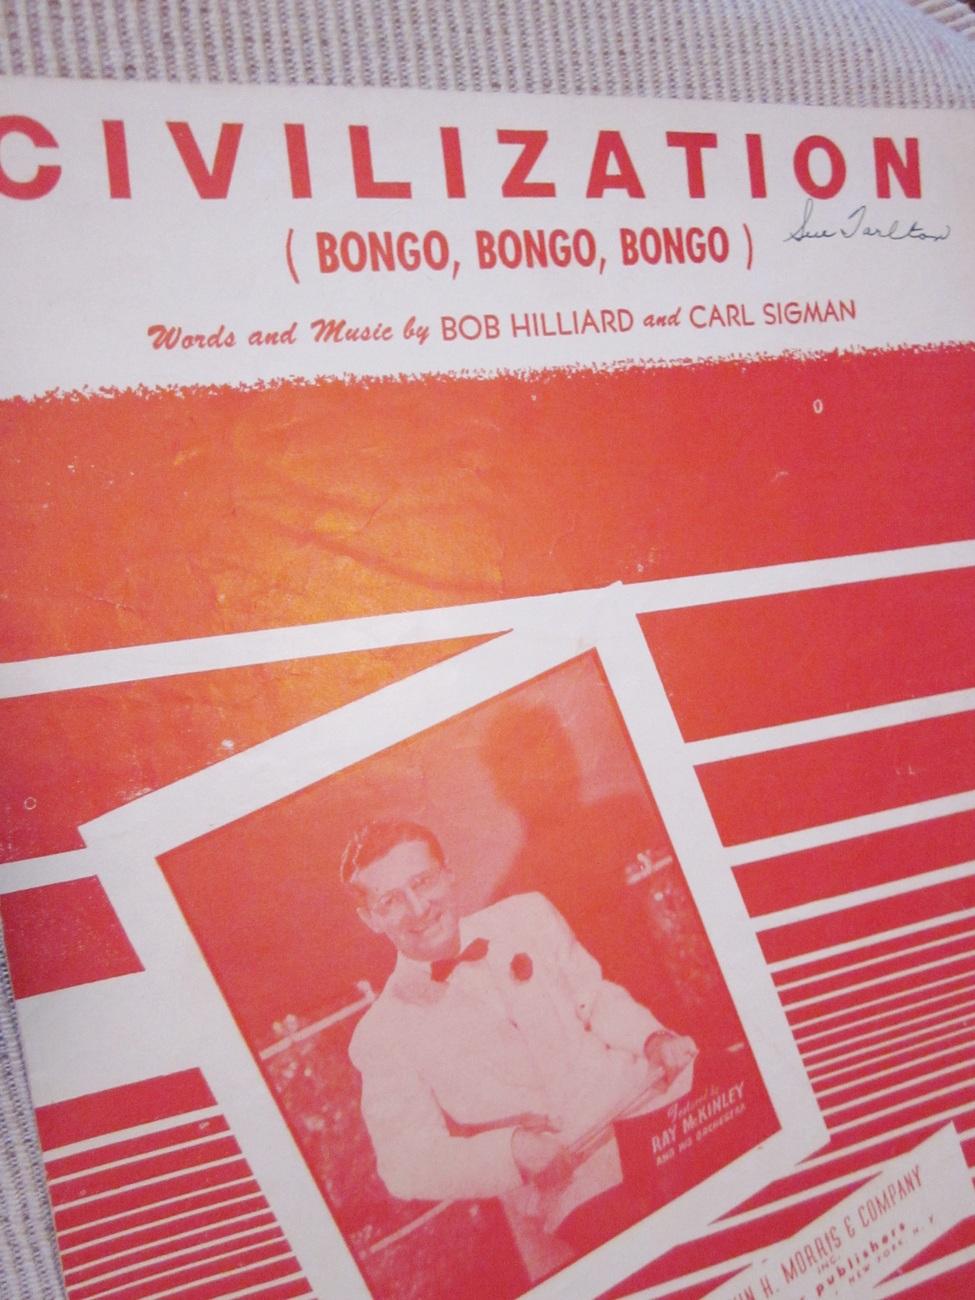 Vintage Sheet Music Civilization by Hilliard & Sigman - Ray McKinley